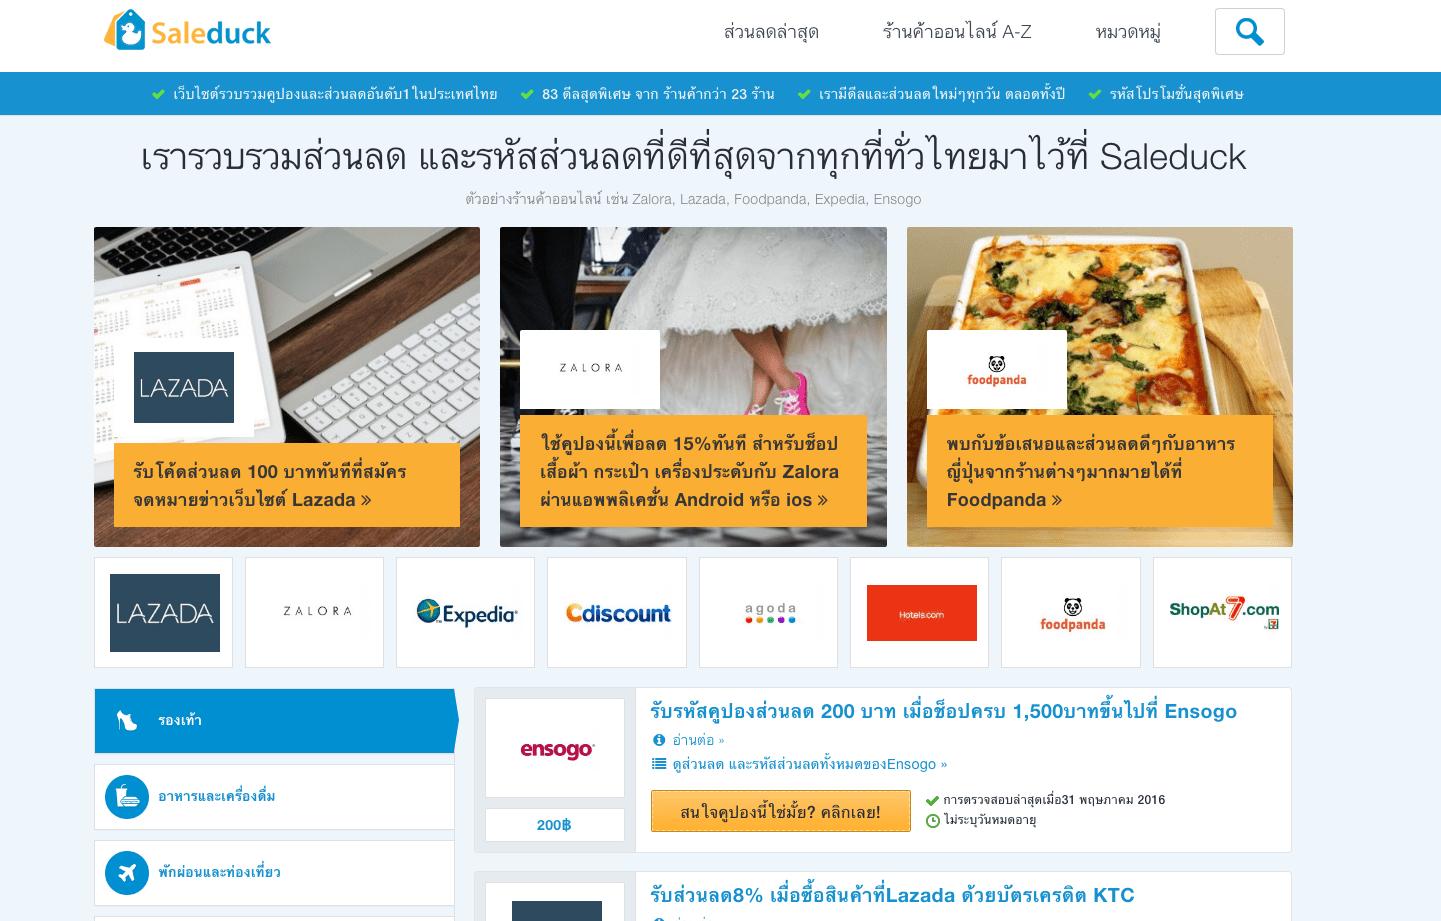 เว็บไซต์ Saleduck ประเทศไทย